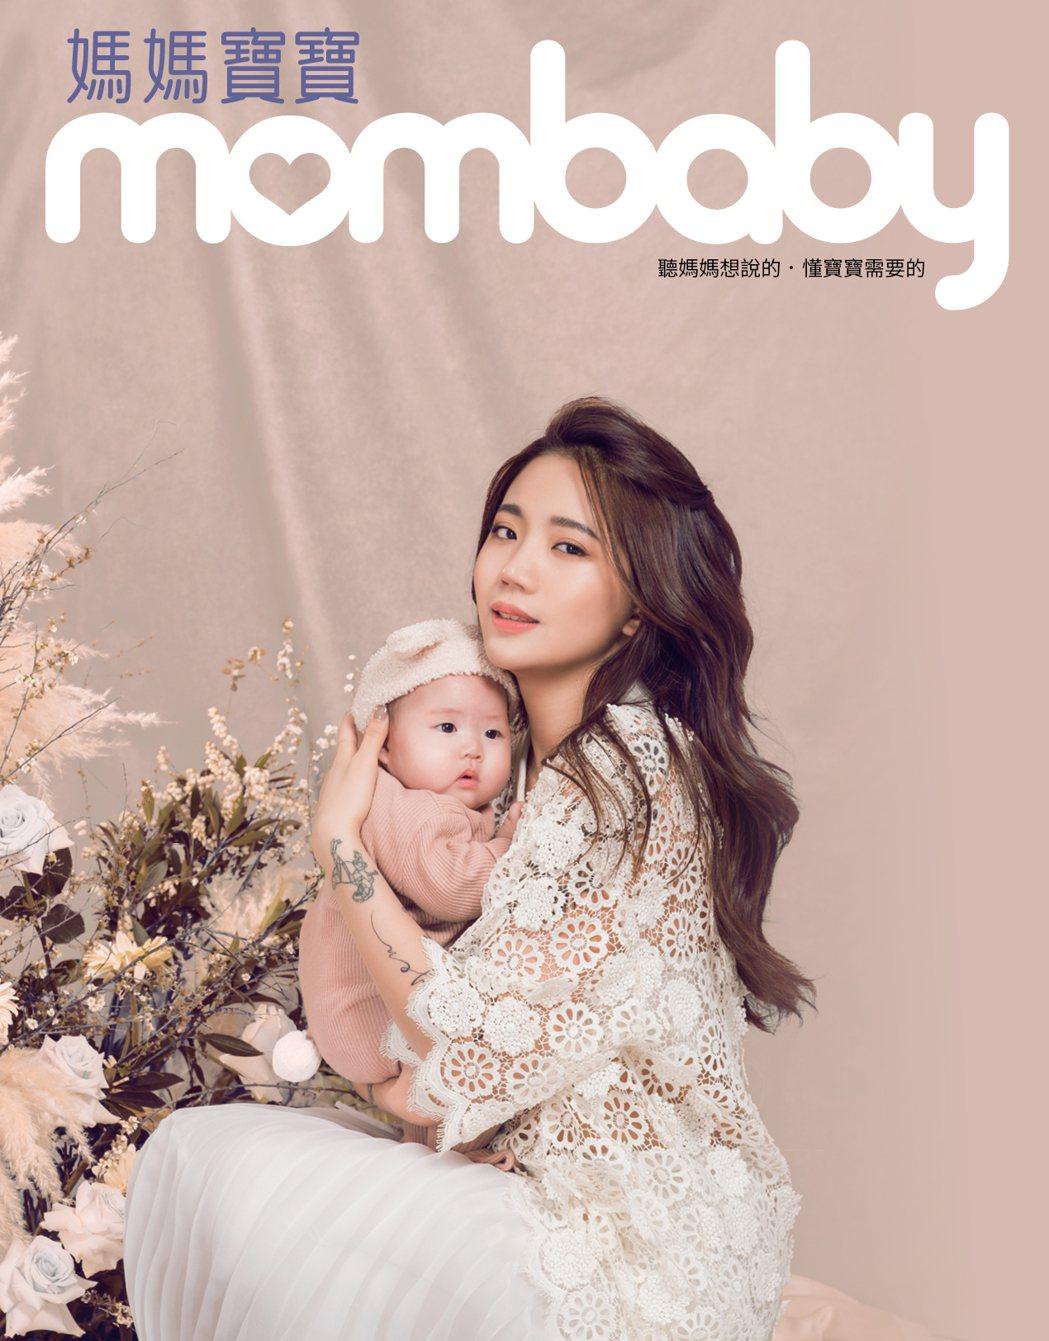 陳艾琳當了媽後,性格變得更柔軟有彈性。圖/媽媽寶寶雜誌提供